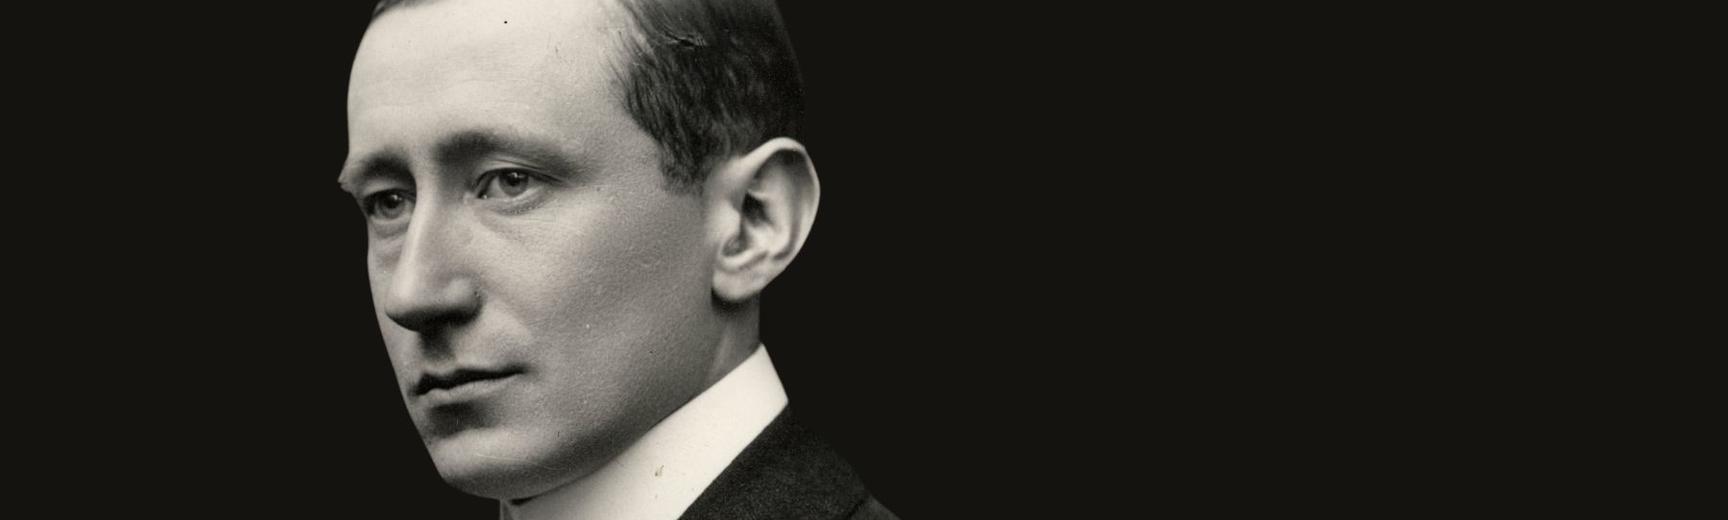 34711 Photographic portrait of Guglielmo Marconi 20th century